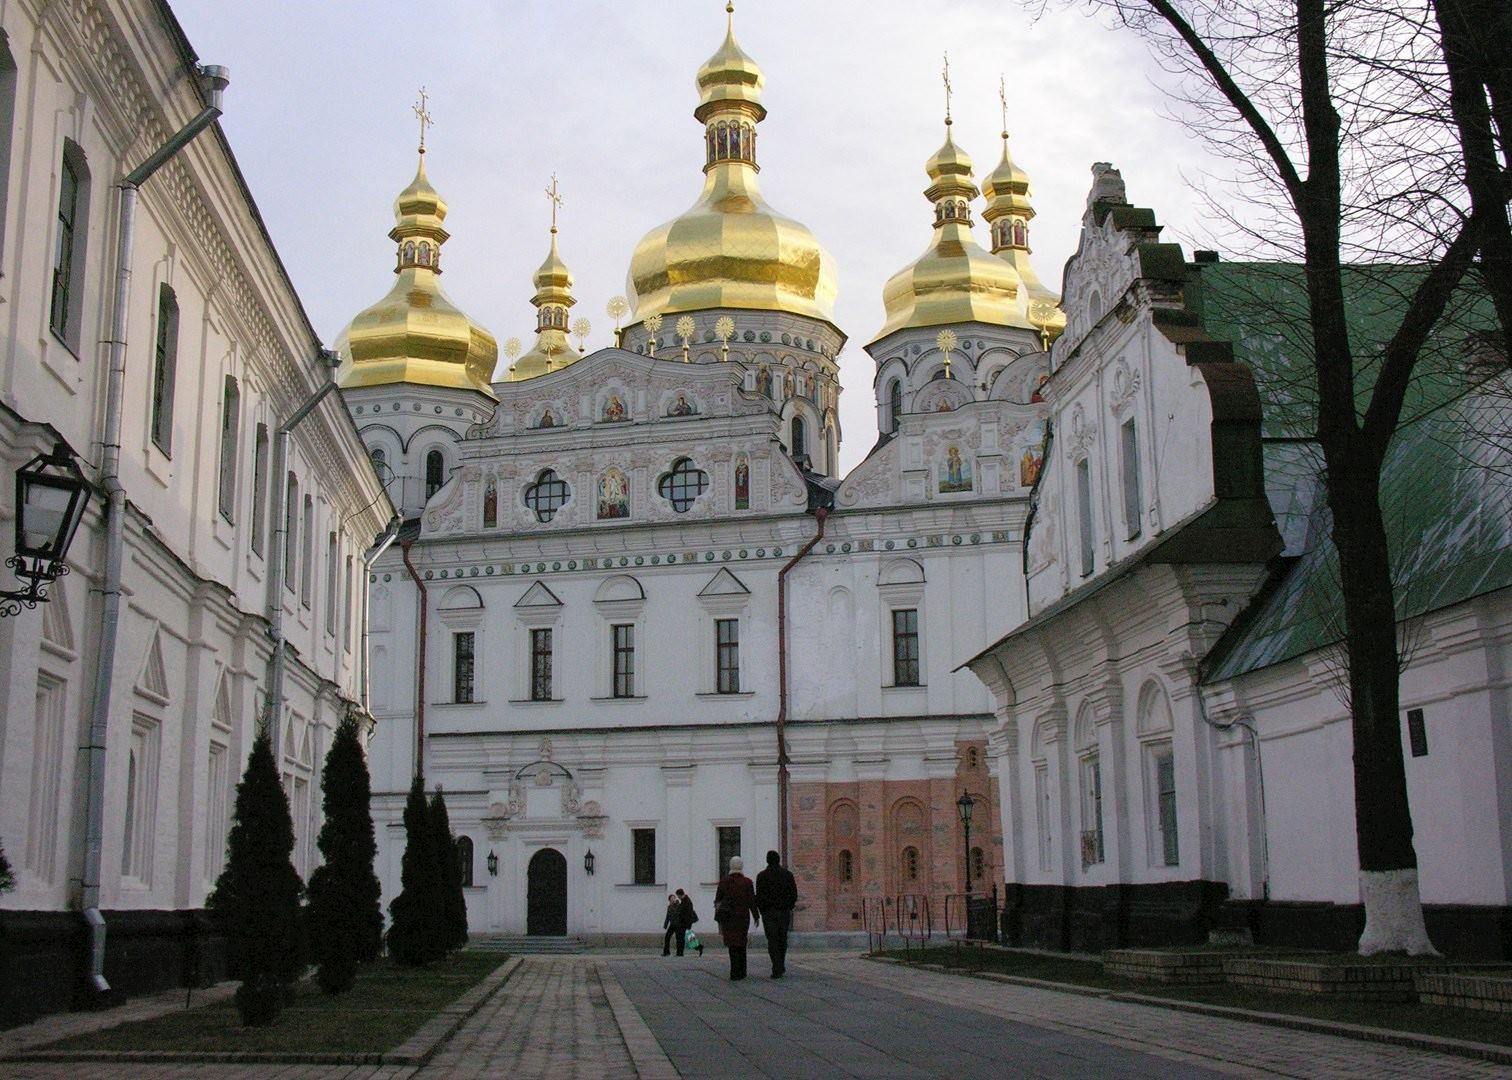 Ukraine's cities: Kiev & Lviv